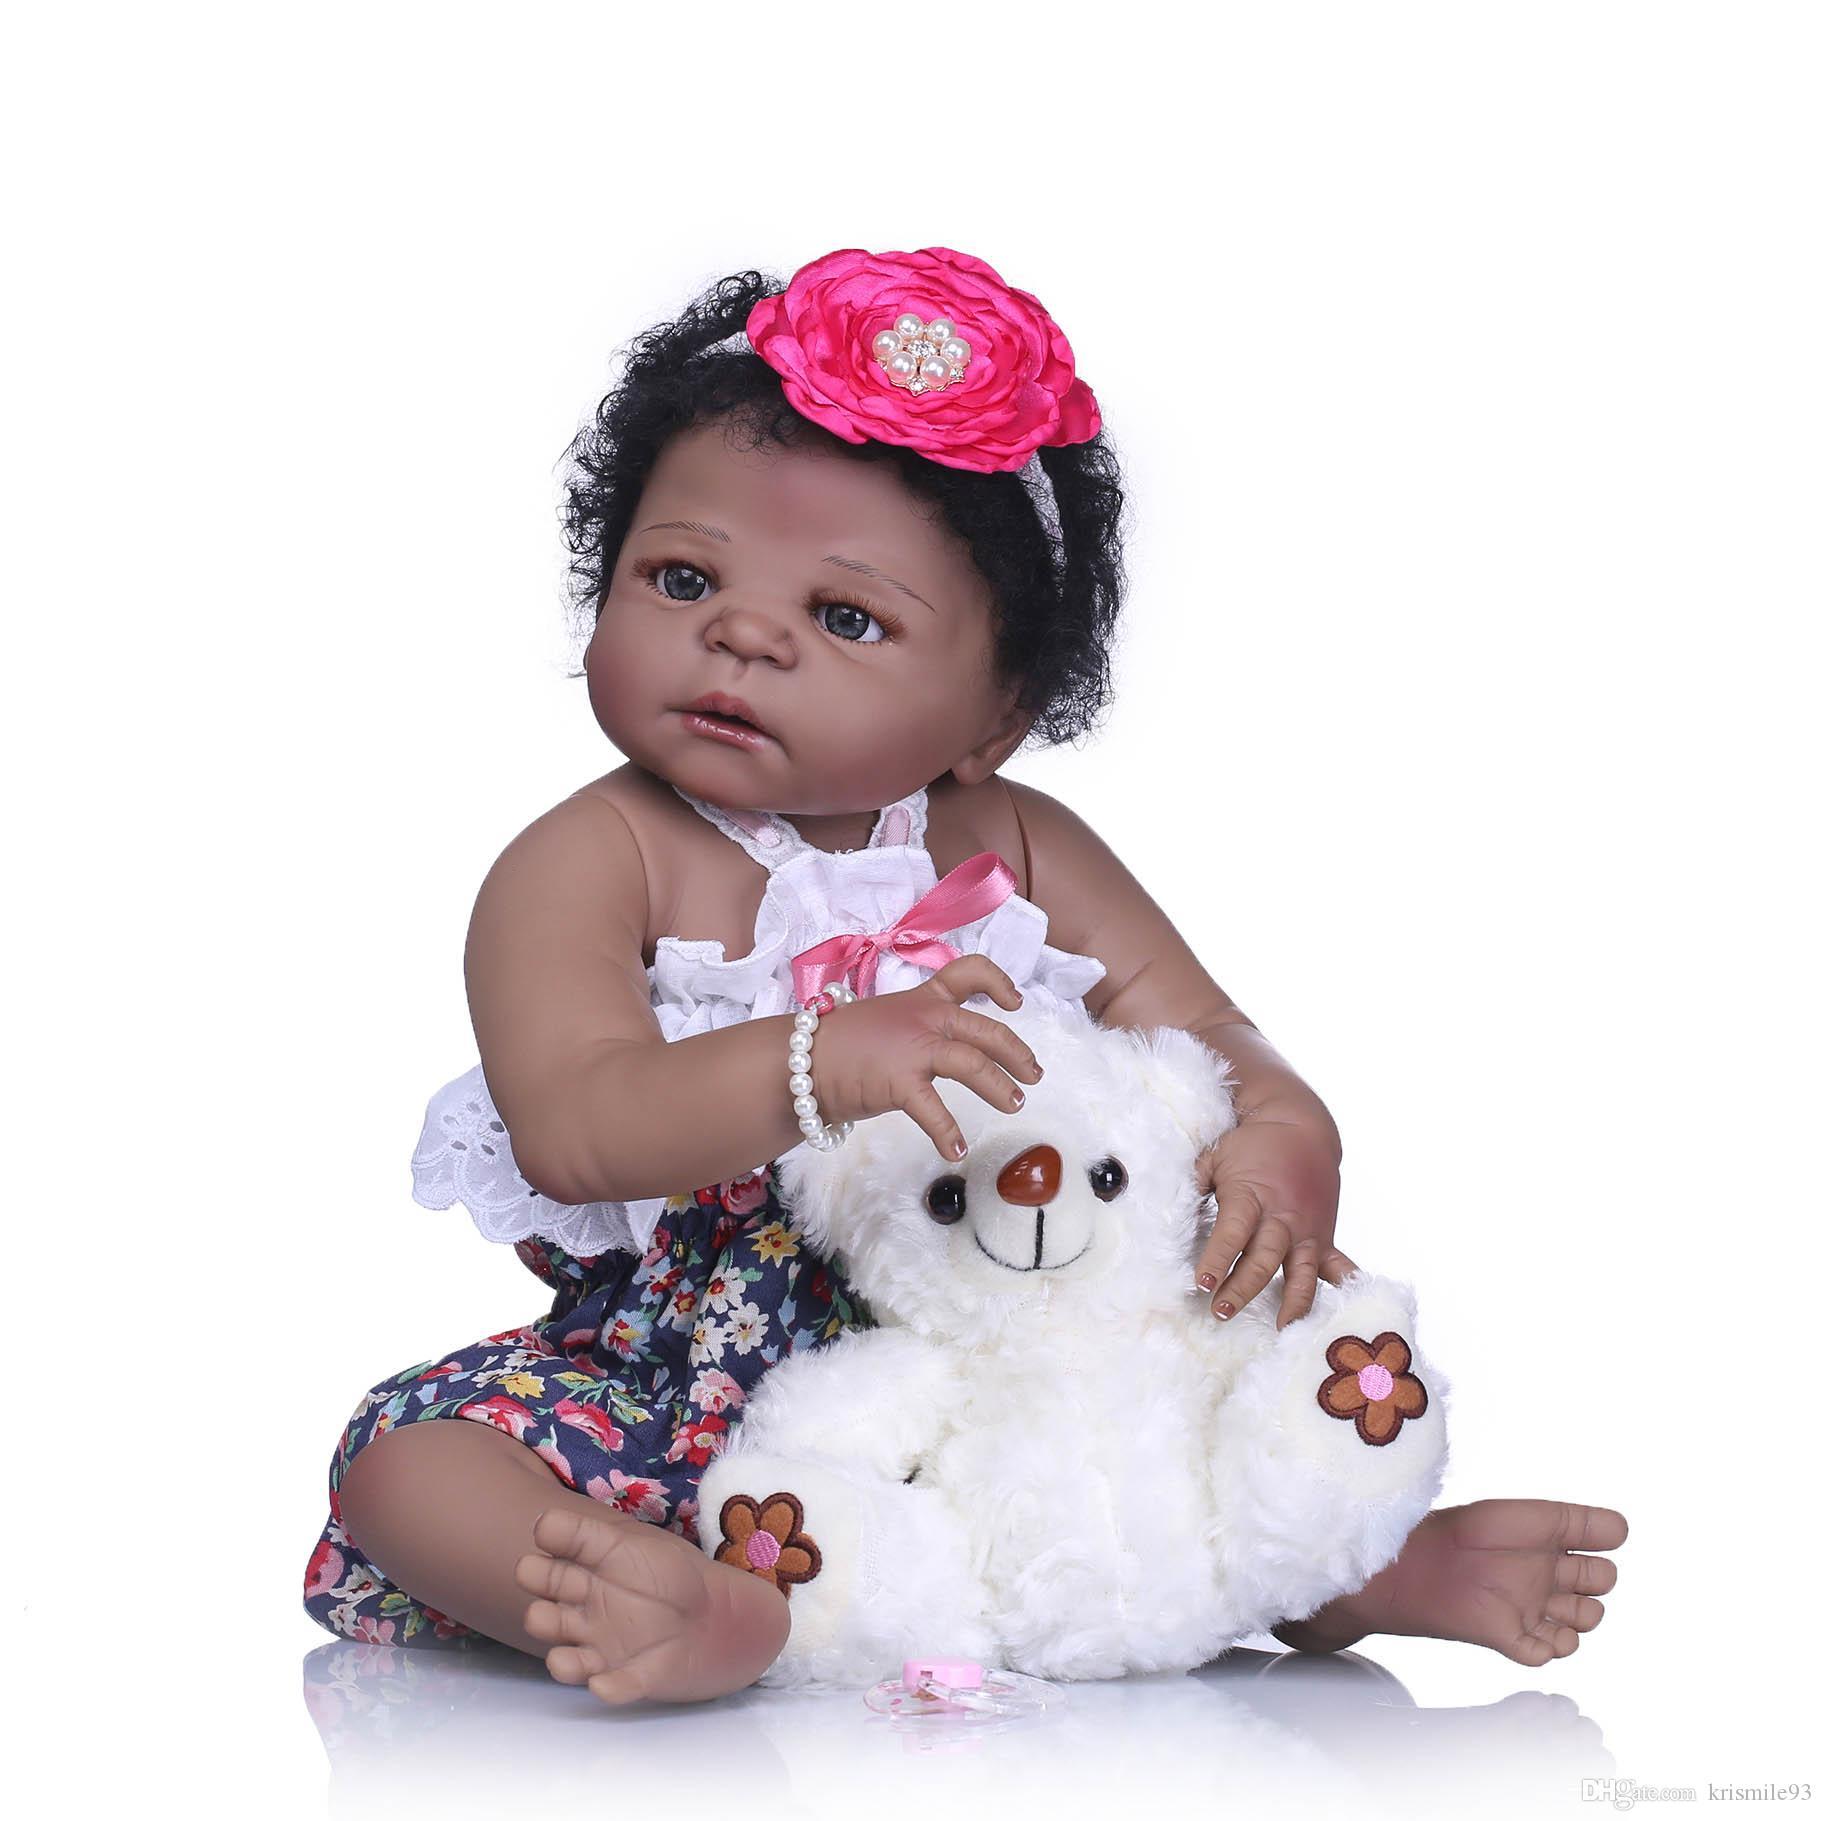 Babypuppen & Zubehör Realistische Baby Soft Vinyl Girl Puppe Newborn Puppen in grüner Kleidung